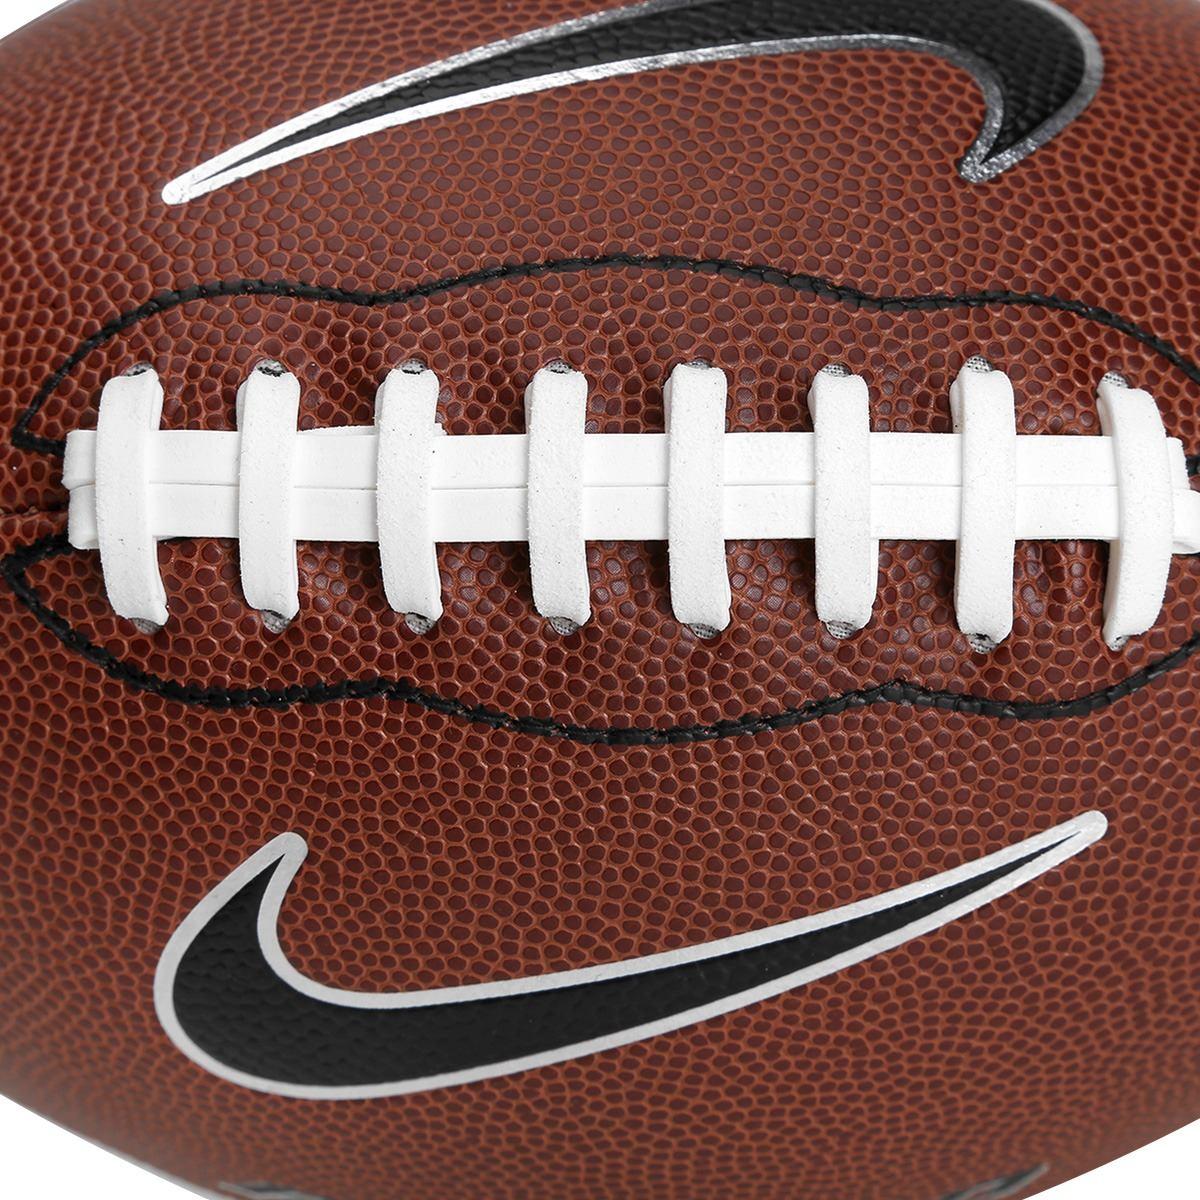 Bola Futebol Americano  nike All Field 3.0 Fb 9 Oficial  nfl - R ... 3779a3651c51d